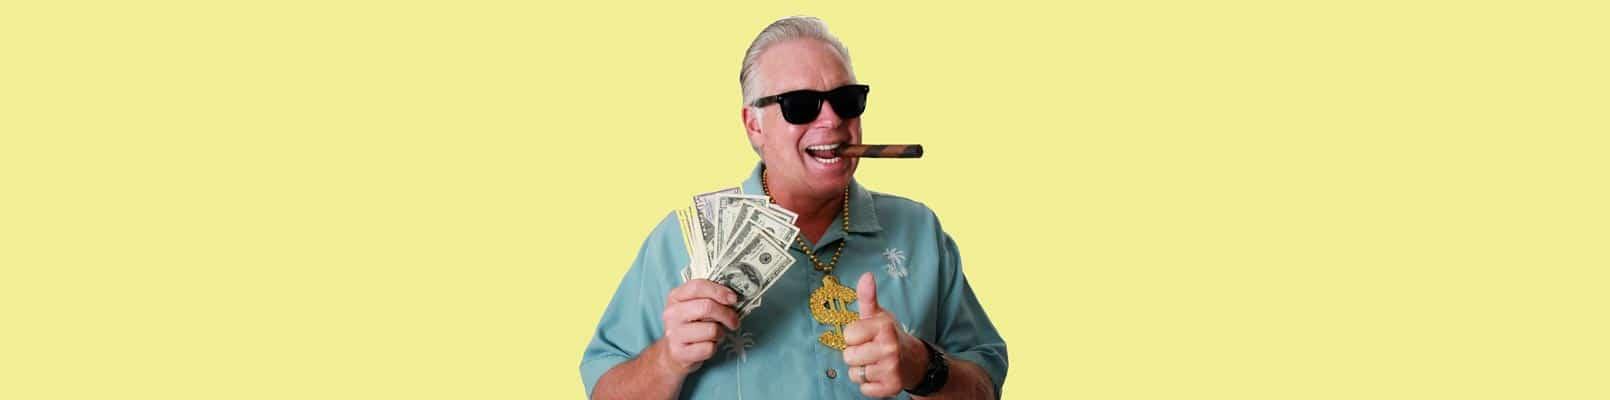 câștigă bani din bonusuri gratuite casino